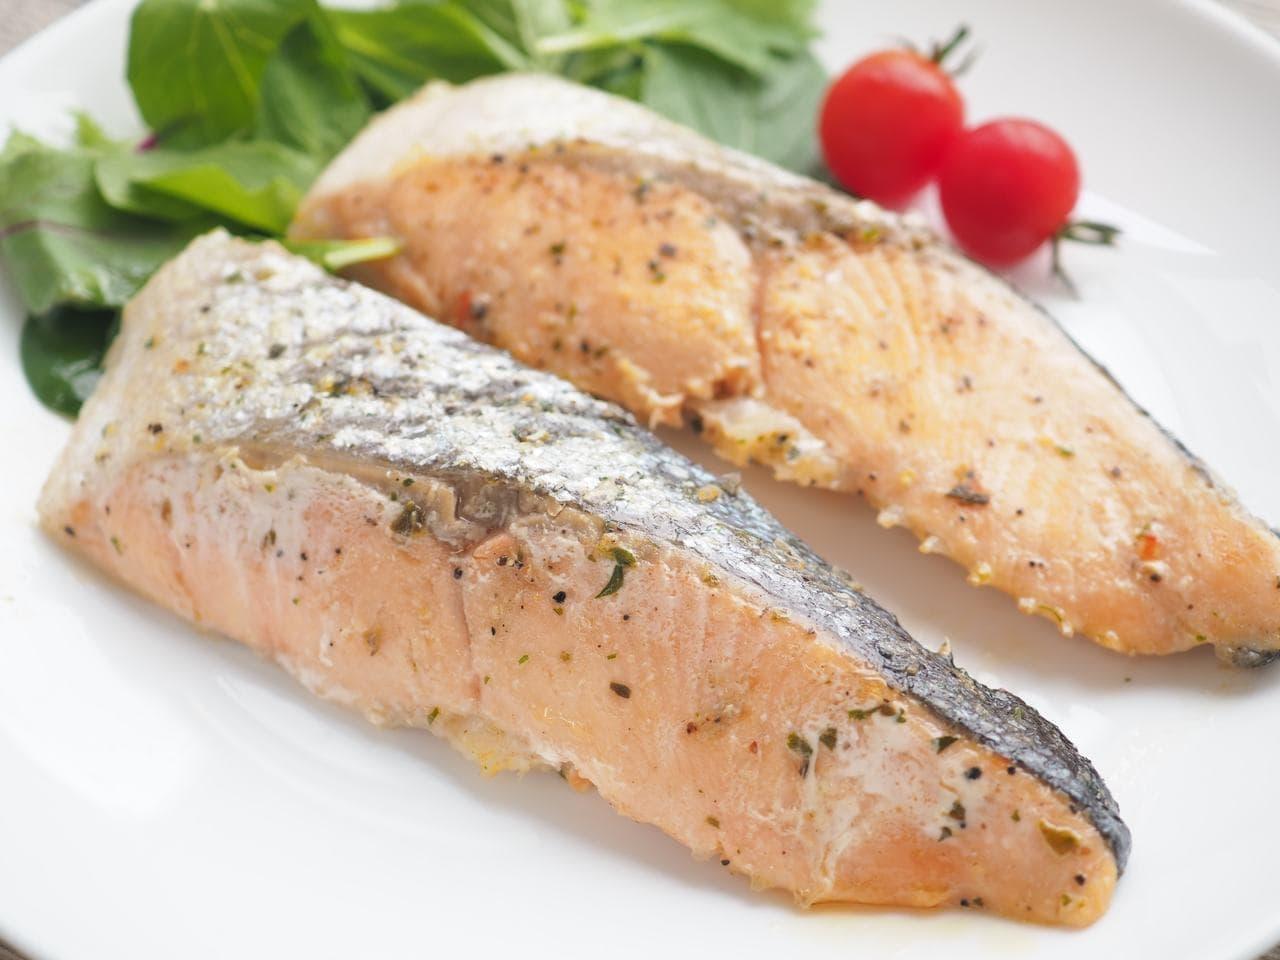 イトーヨーカドー「シェフズレシピ」の「銀鮭ステーキバジルソテー」